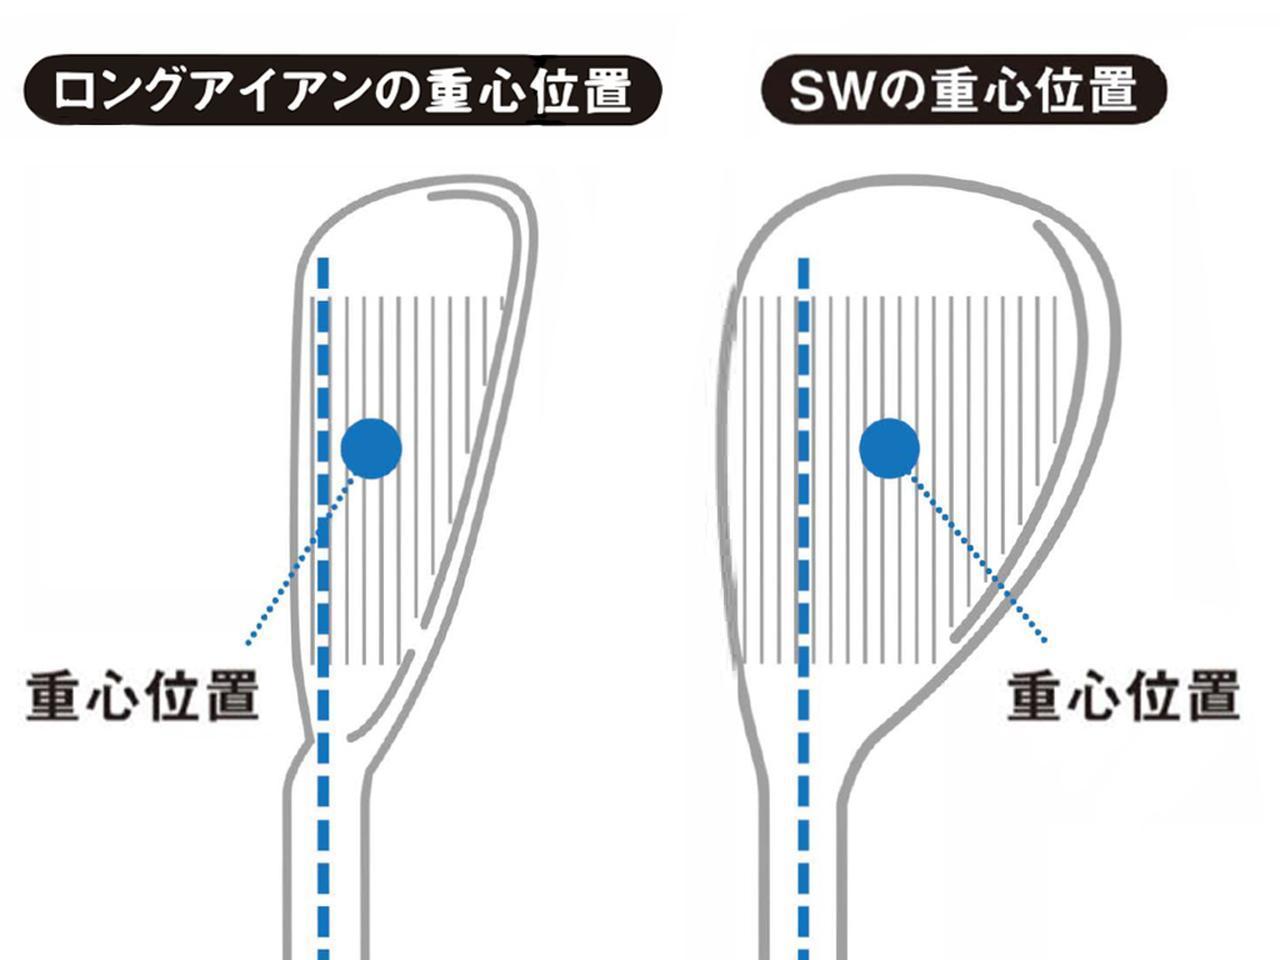 画像: ロフトの立ったロングアイアンの重心はターゲット寄りにあるのに対し、ロフトの寝たSWはターゲットと反対方向にフロ一してい<